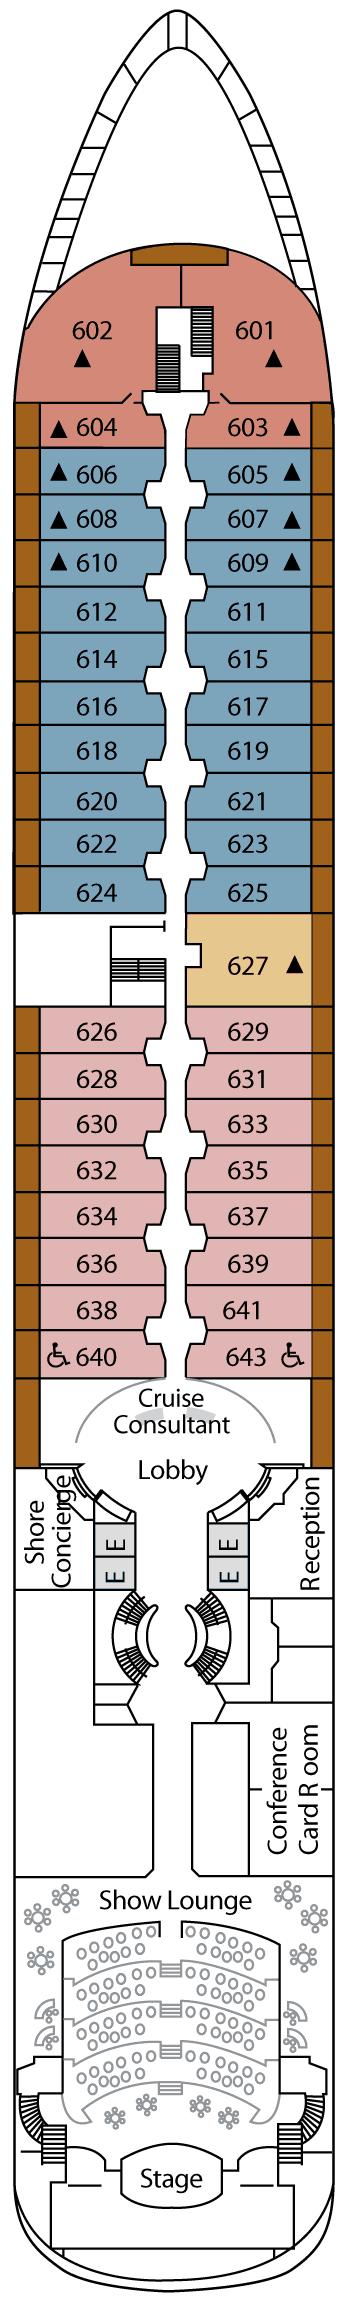 Silver Wind - Deck 6